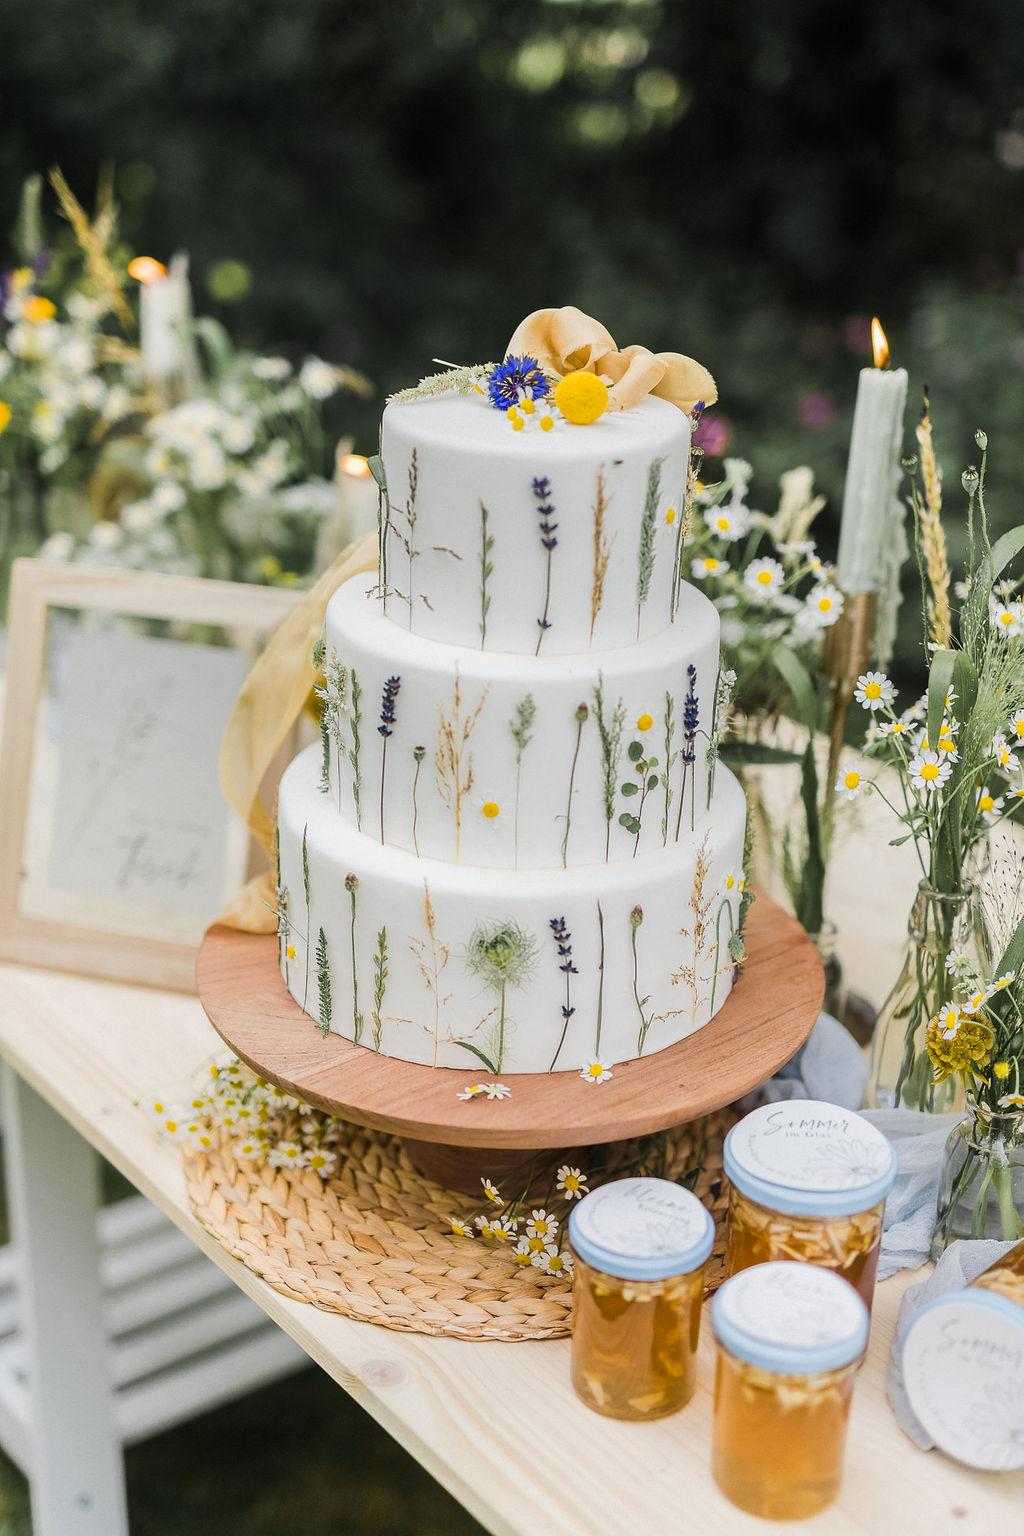 Hochzeitstorte Wiesenblumen, Hochzeitstorte Sommer, Hochzeitstorte gelb, blau weiß